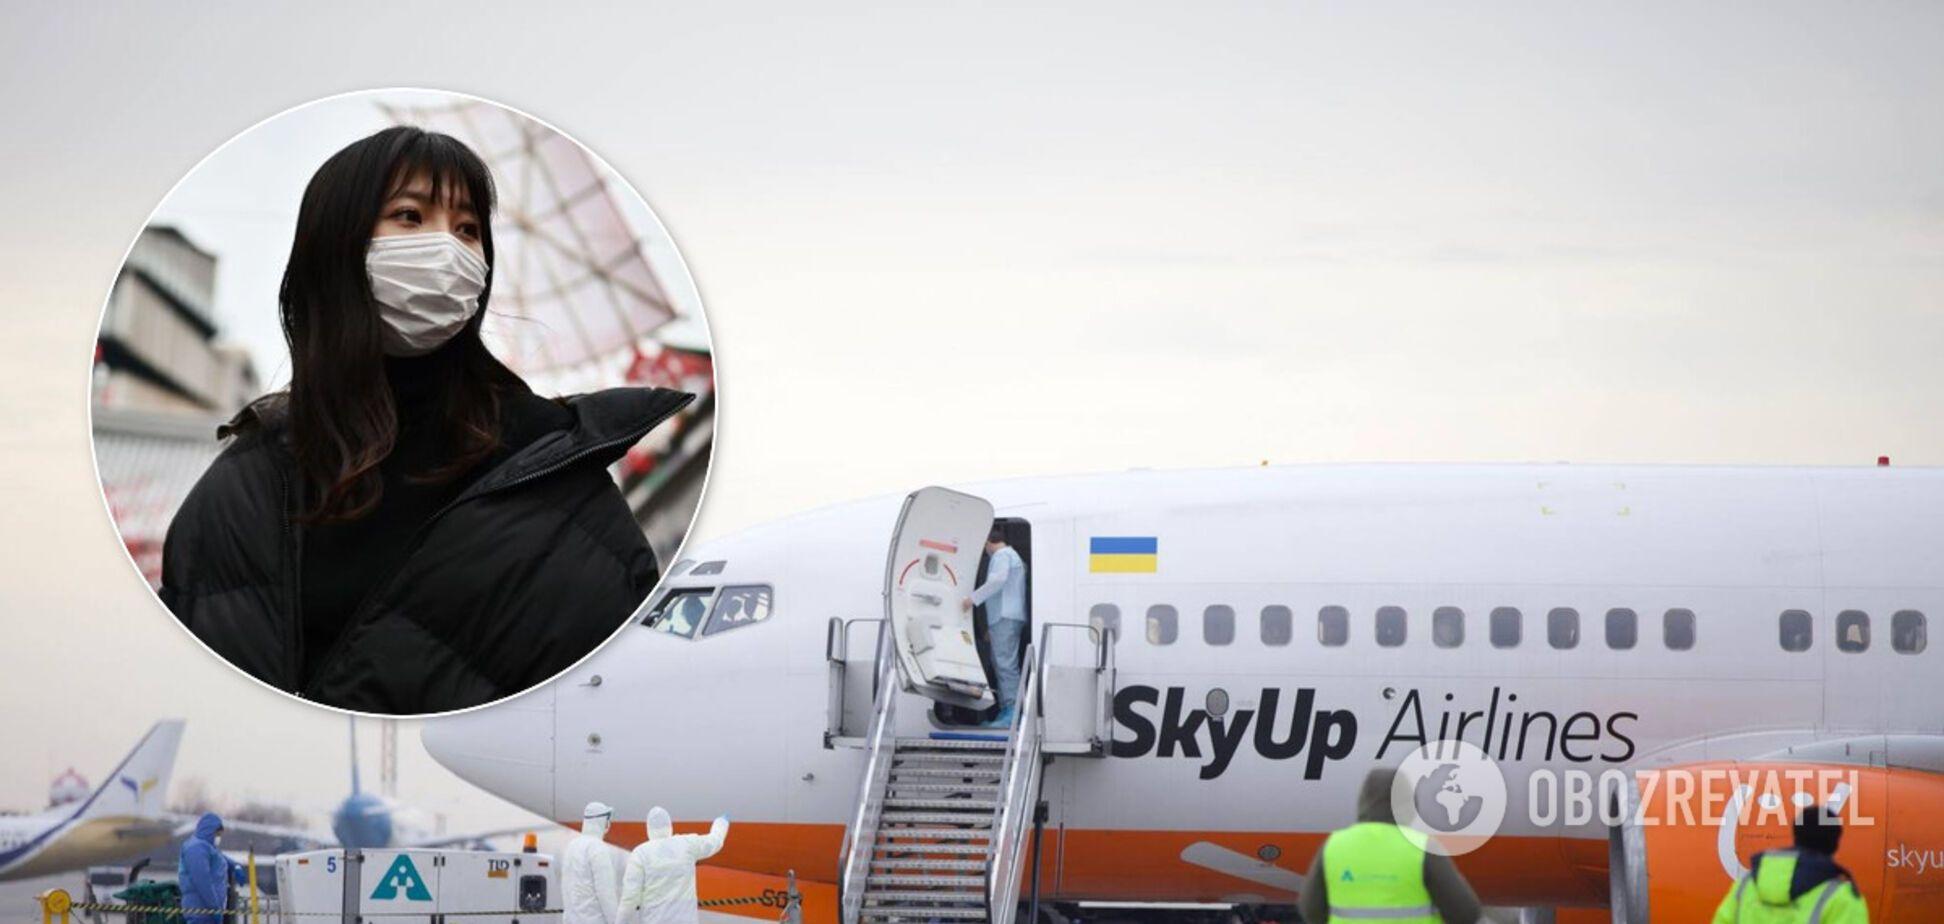 Не пустили через температуру: з'ясувалися деталі евакуації українців із Китаю